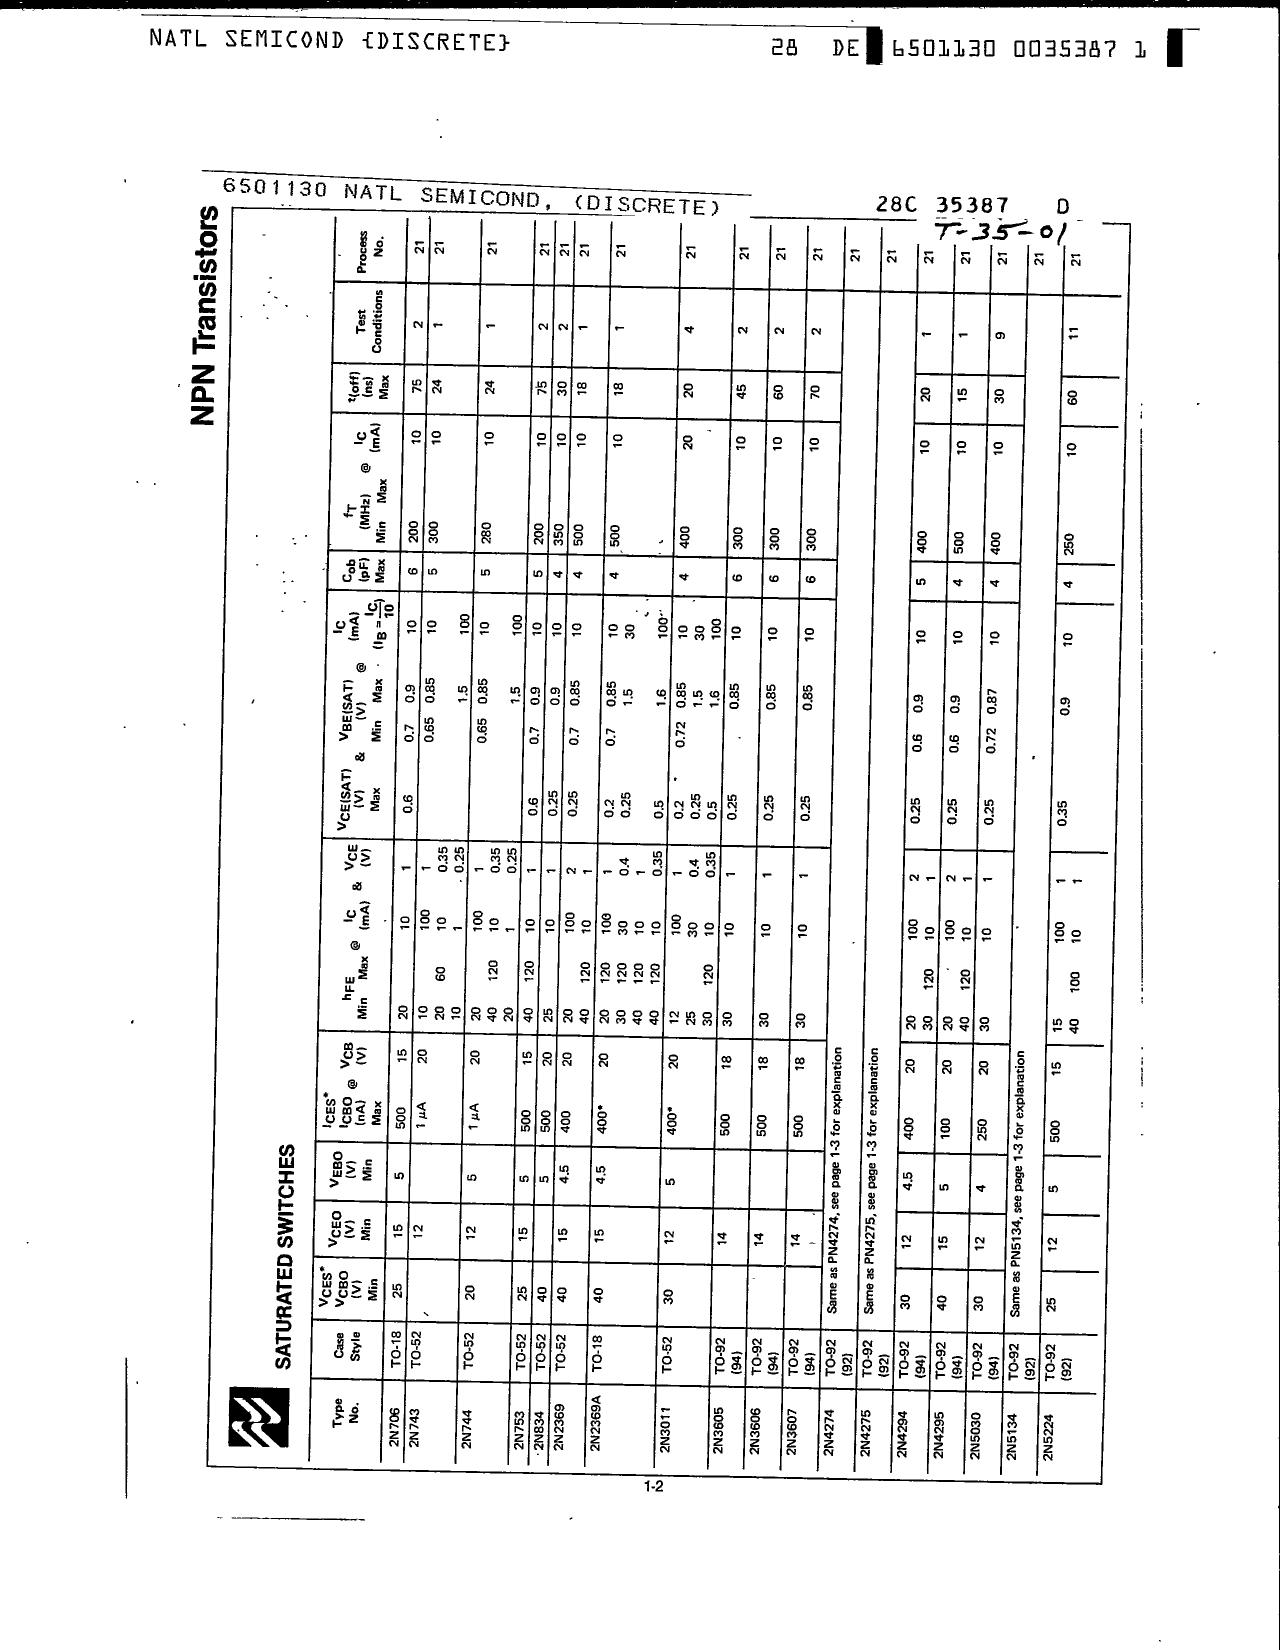 40237 datasheet